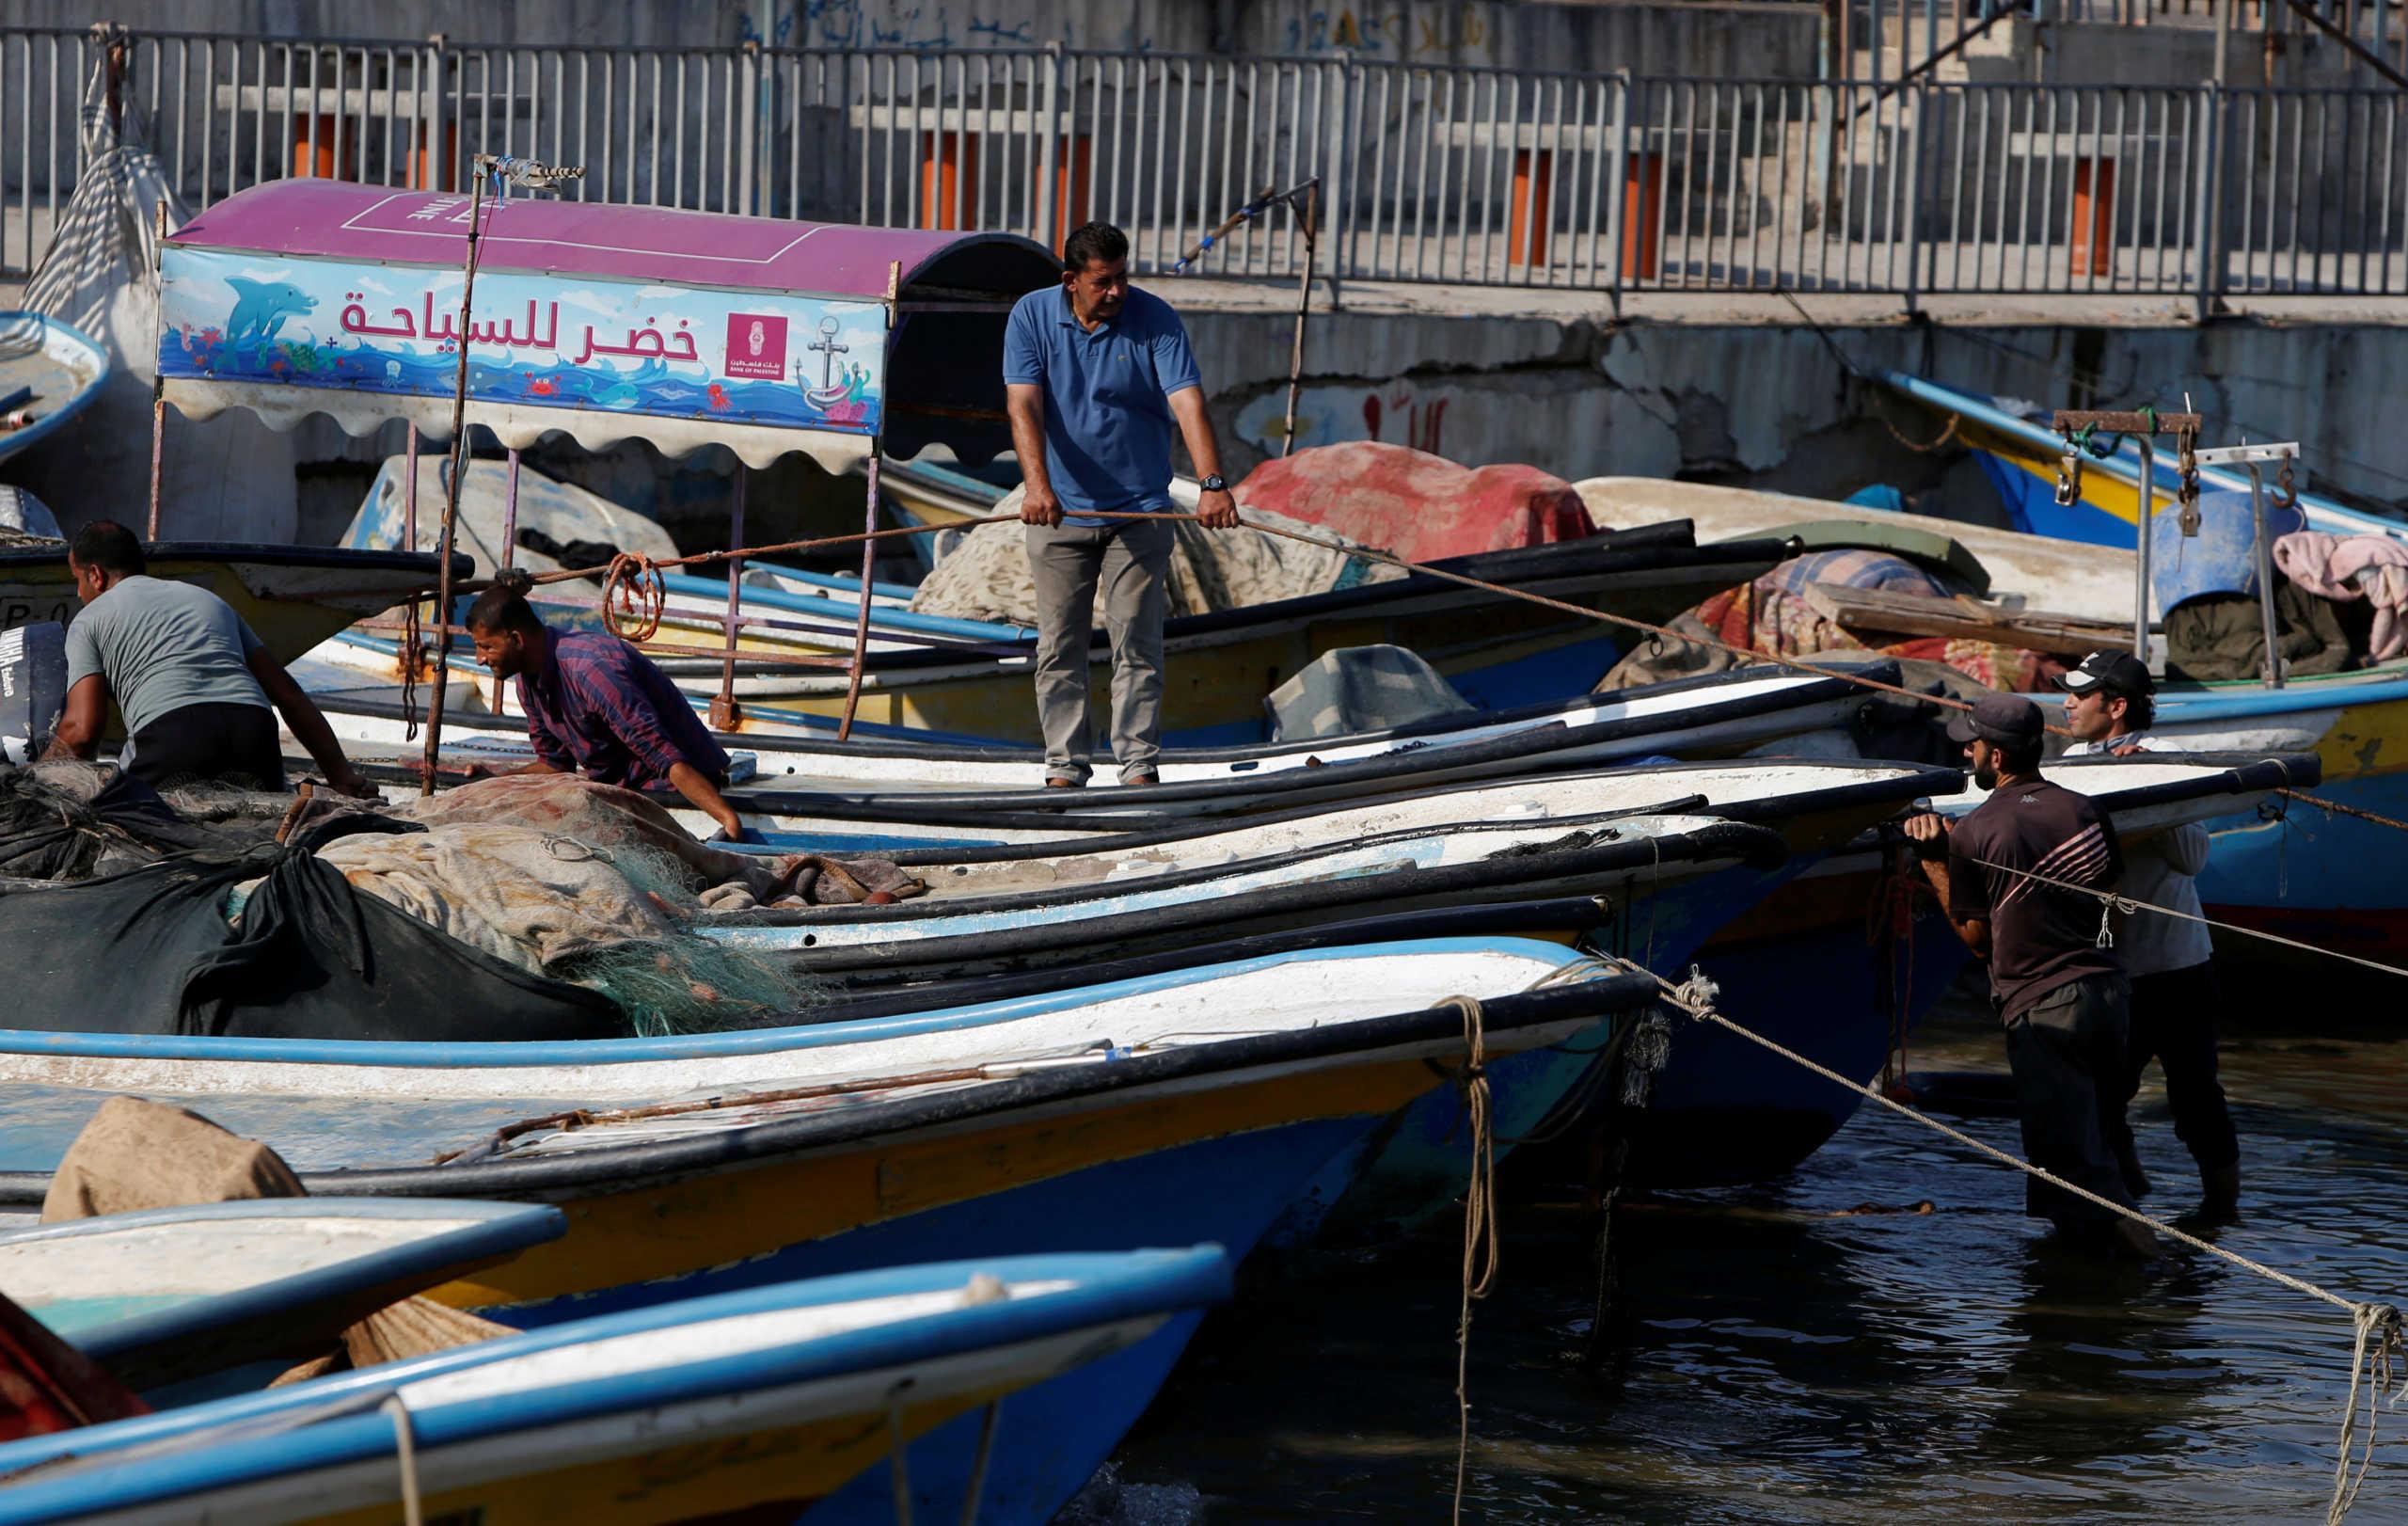 Λωρίδα της Γάζας: Το Ισραήλ απαγορεύει στους Παλαιστινίους να ψαρέψουν (pics)